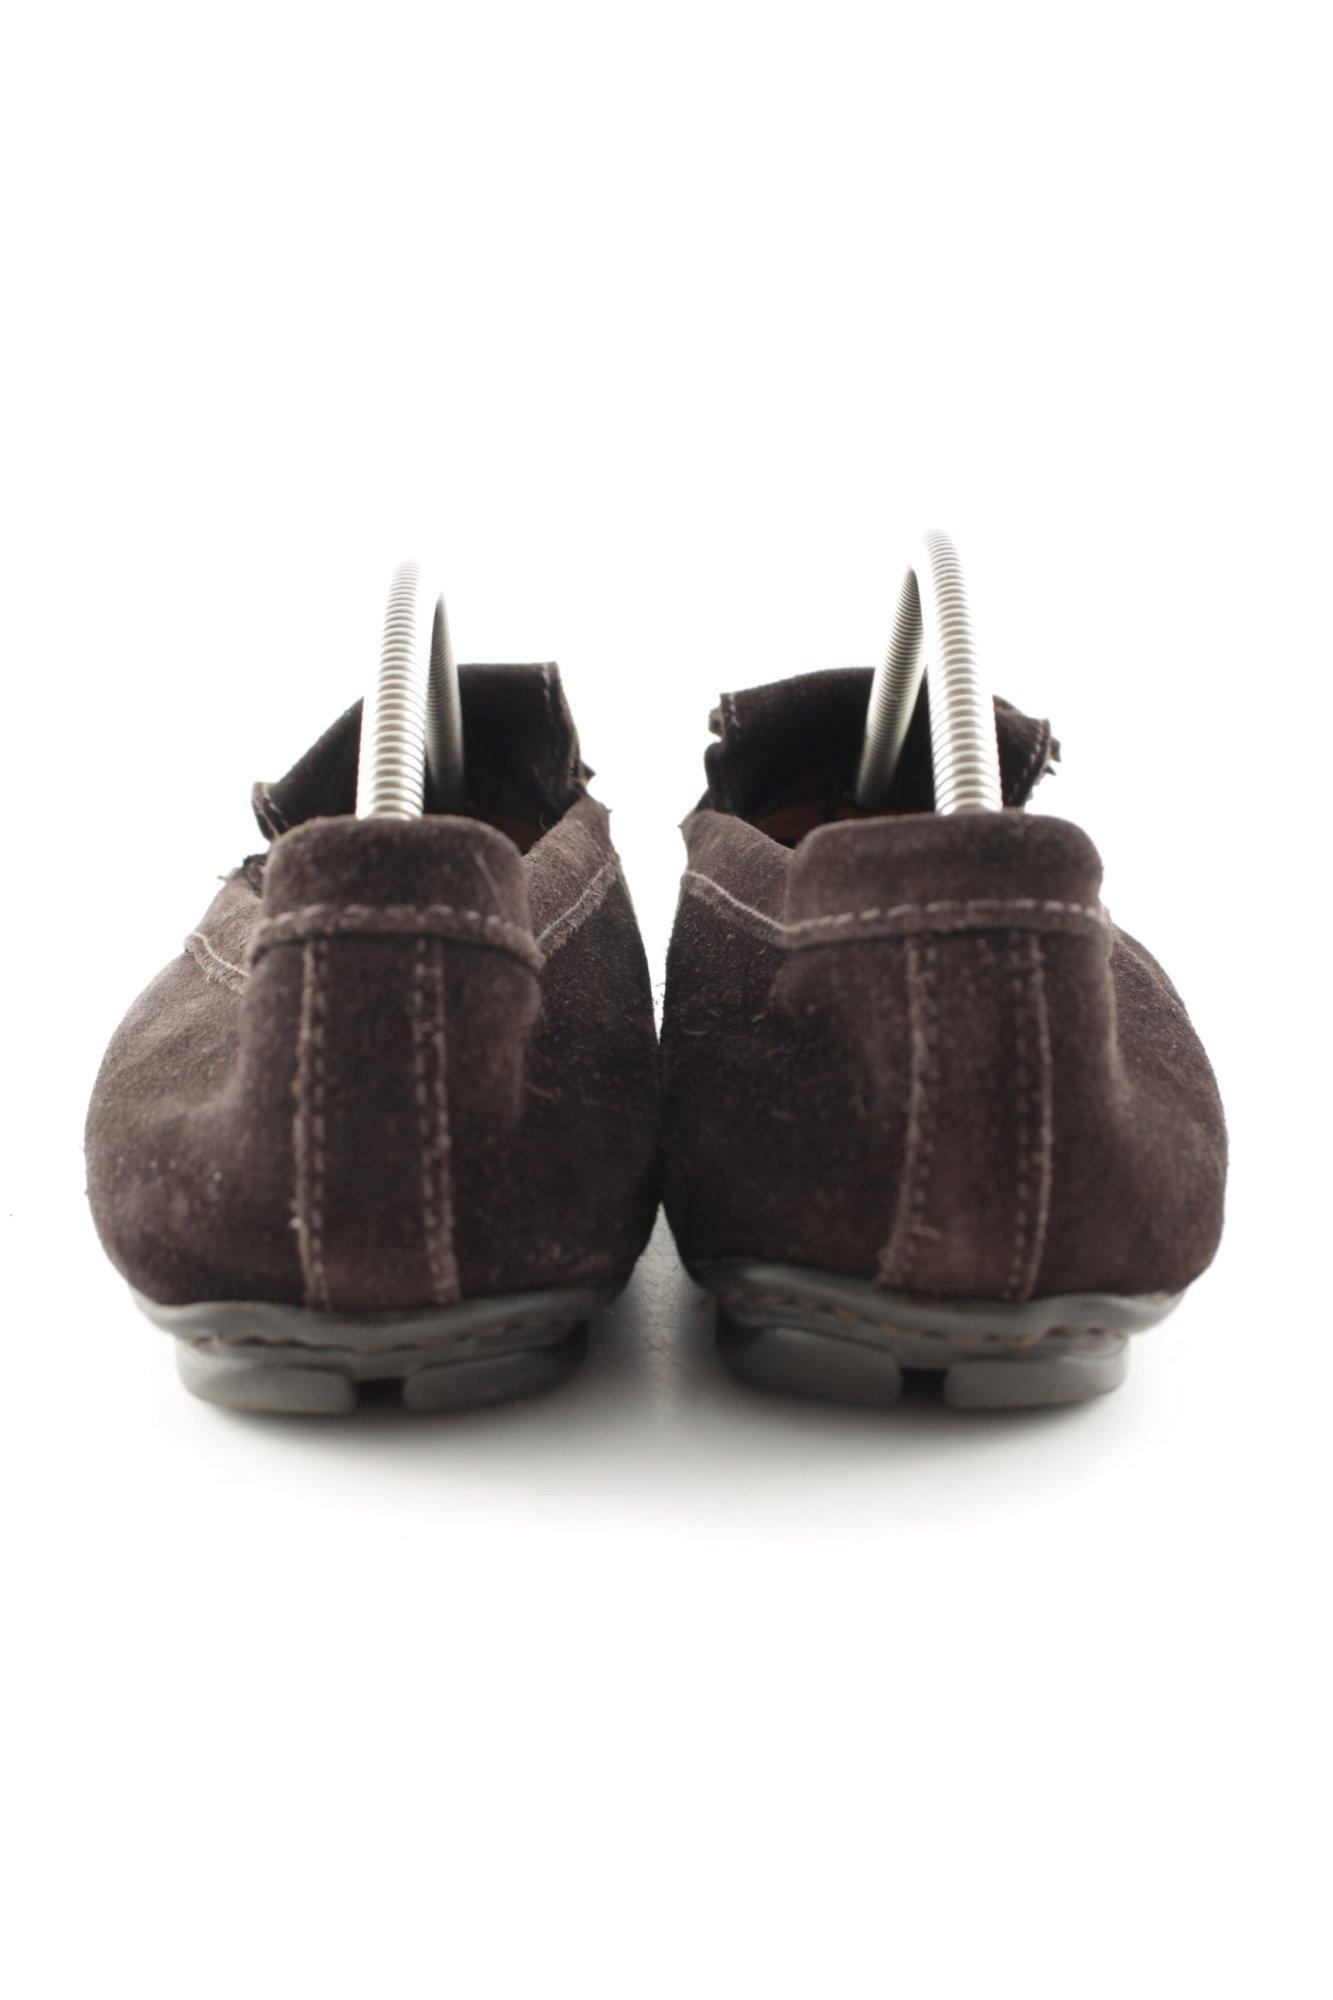 PRADA Mocassino marrone scuro stile casual IT Donna Taglia IT casual 38,5 Scarpa d7abb8